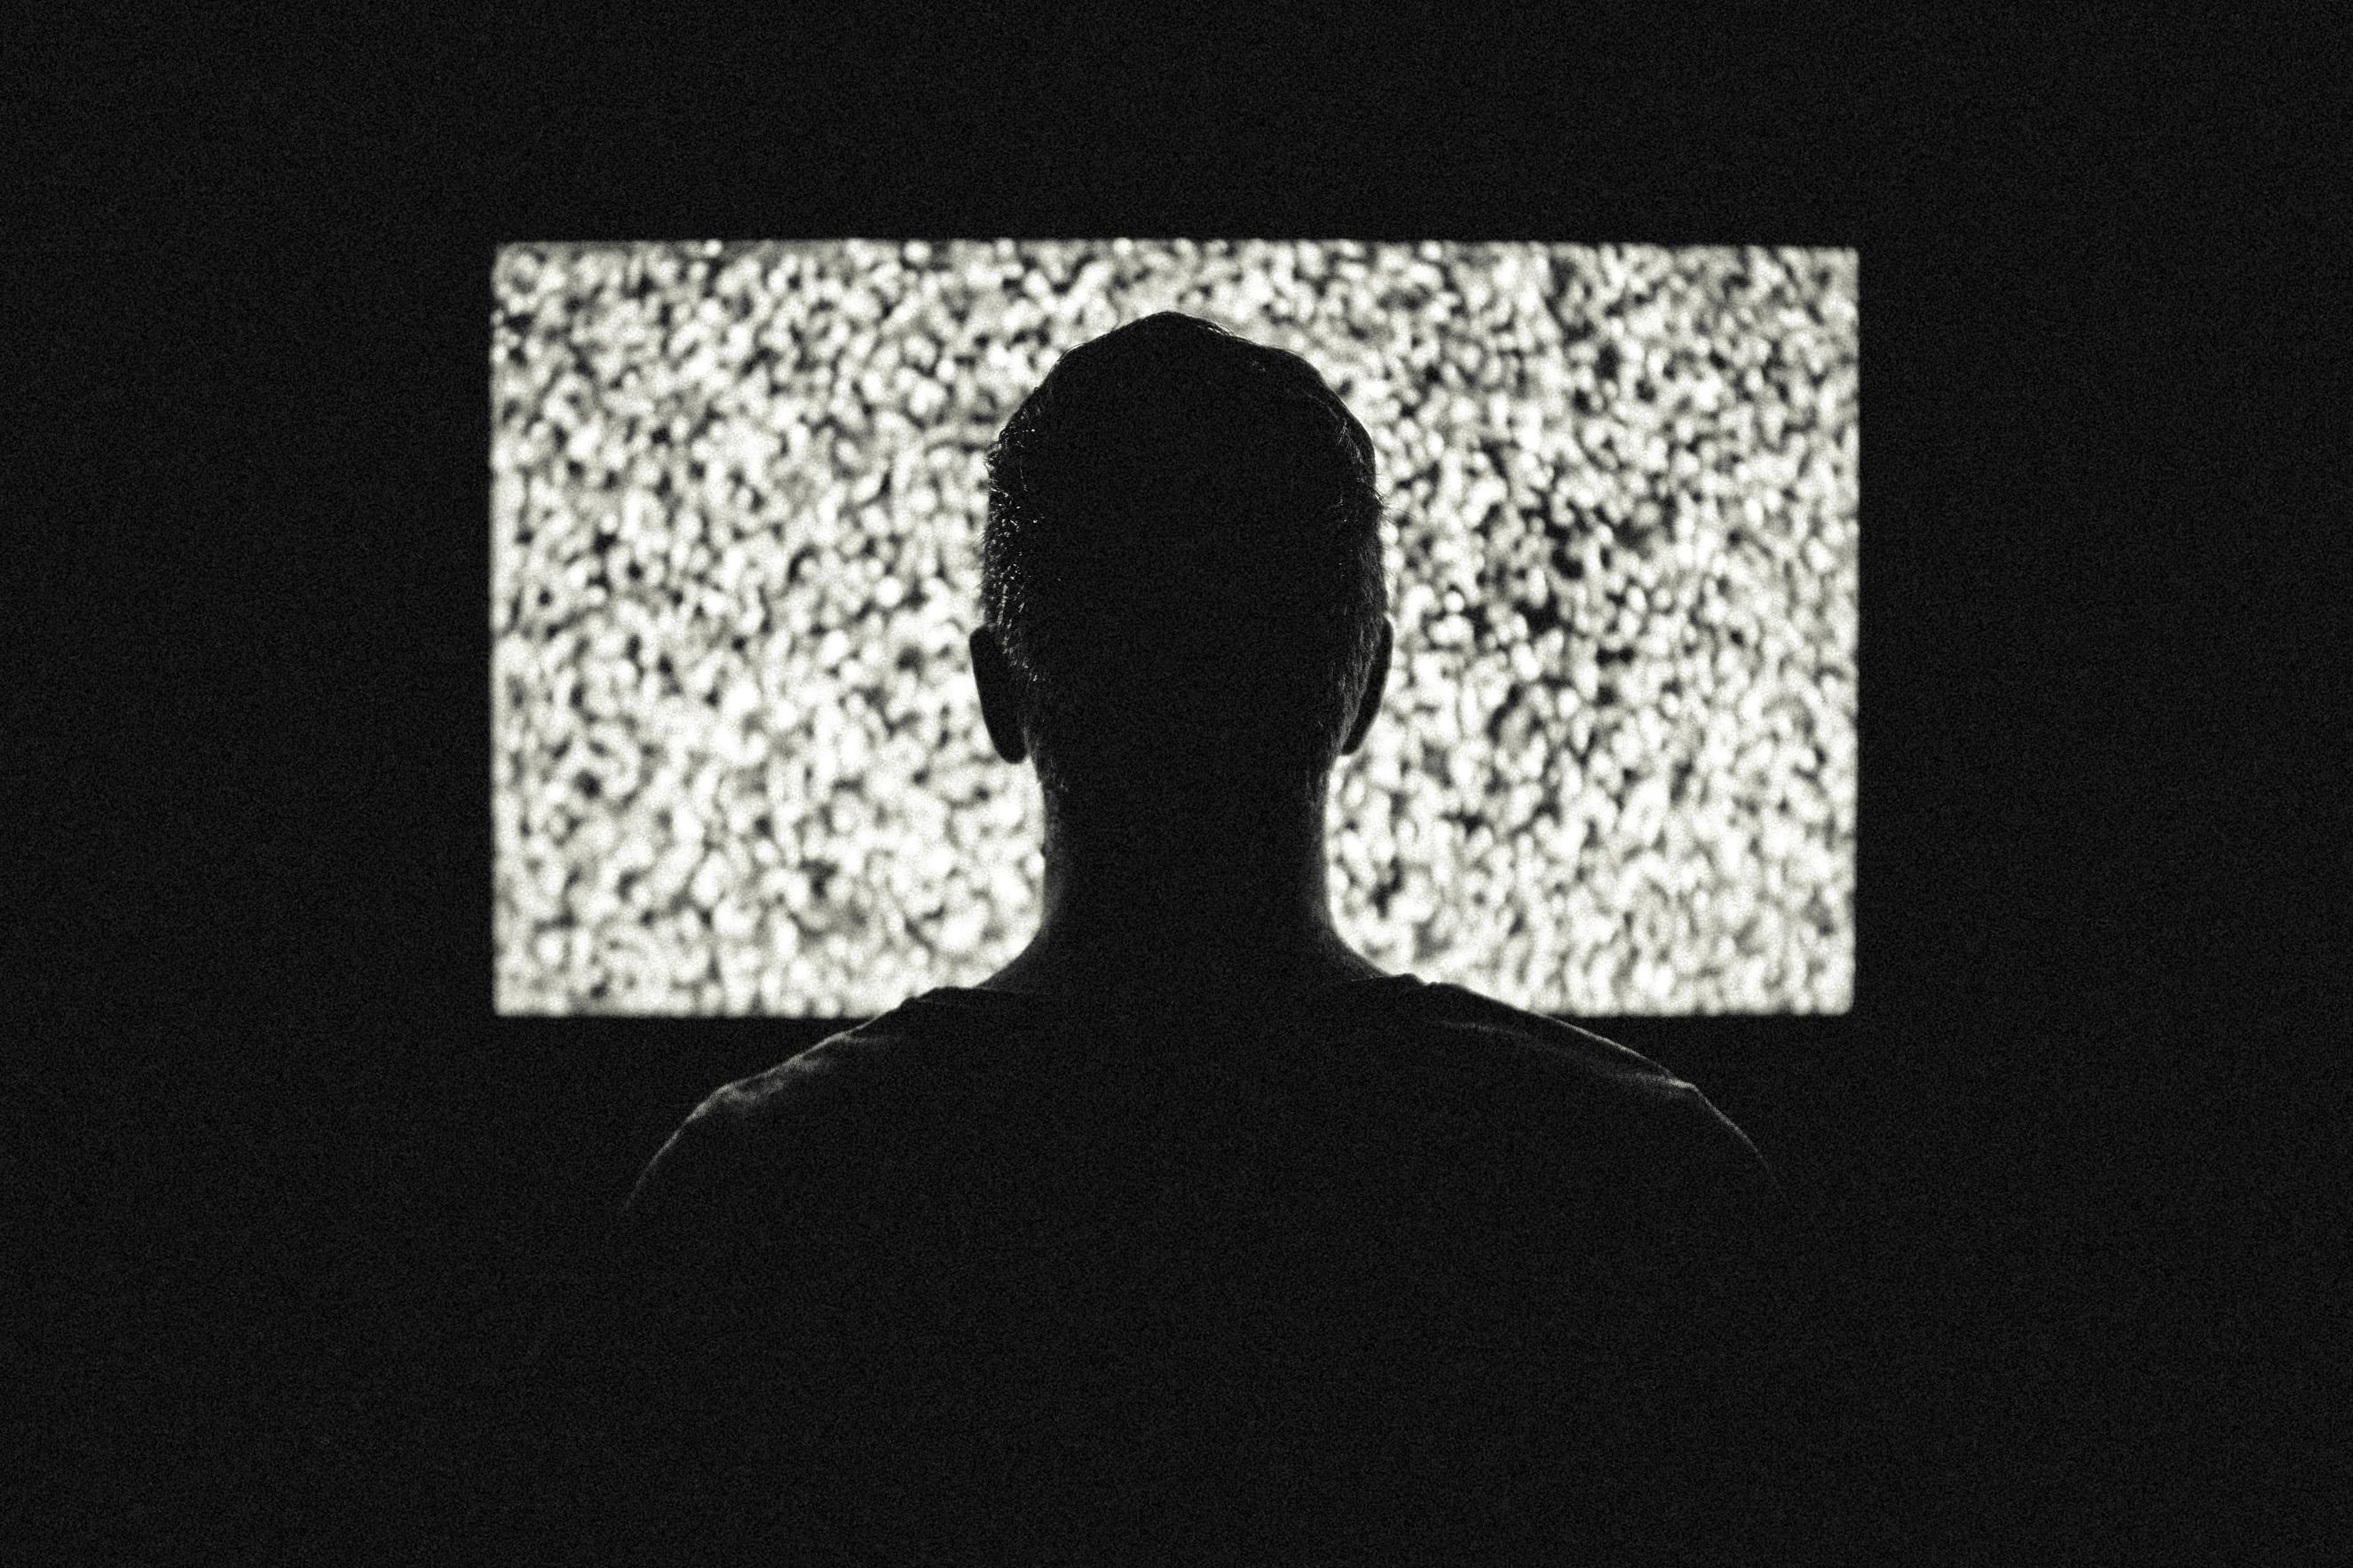 Lo streaming è legale secondo la UE